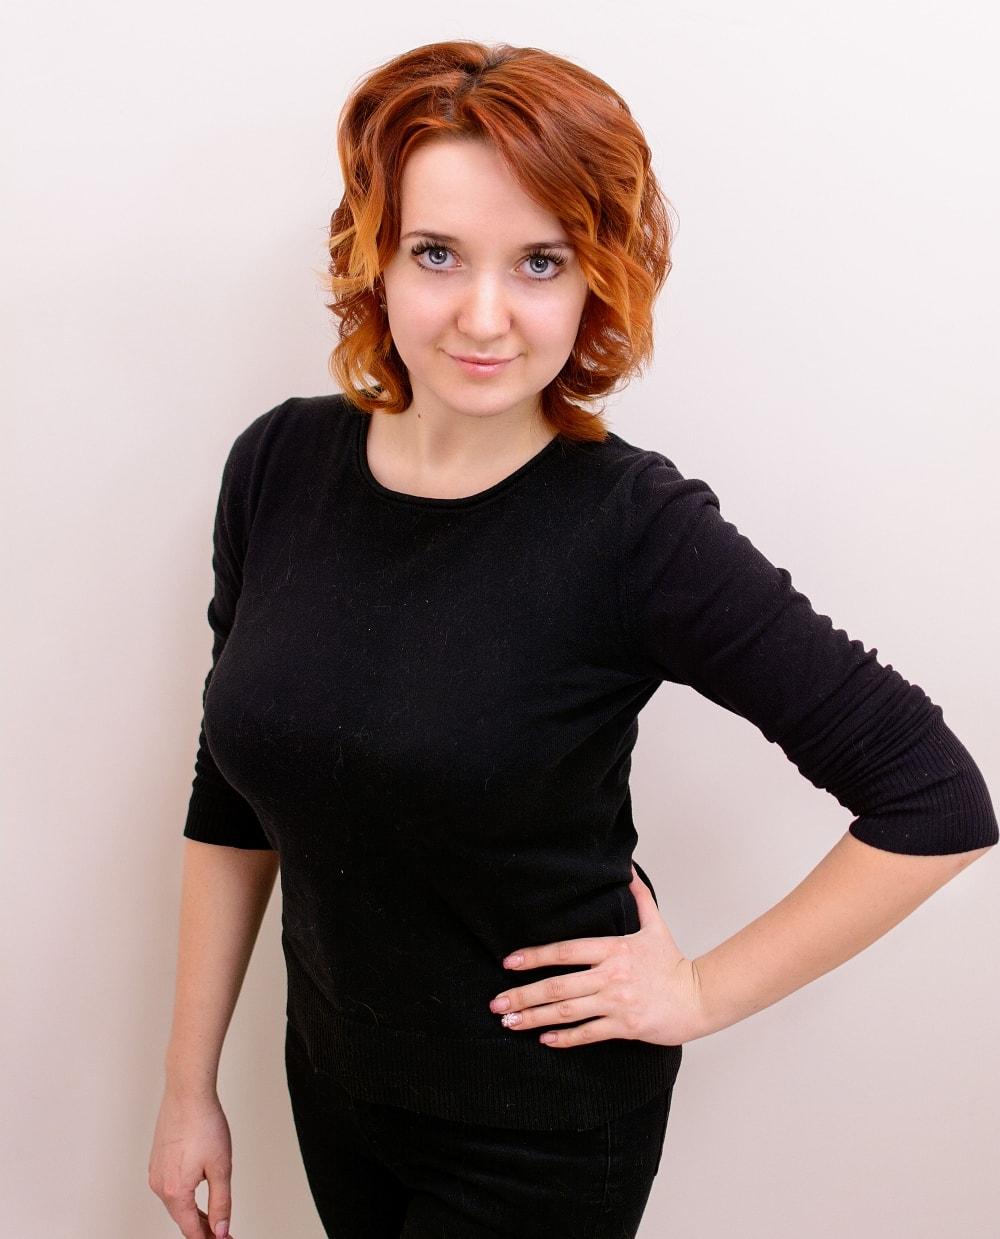 Юлия Керсанова салон красоты студио 14